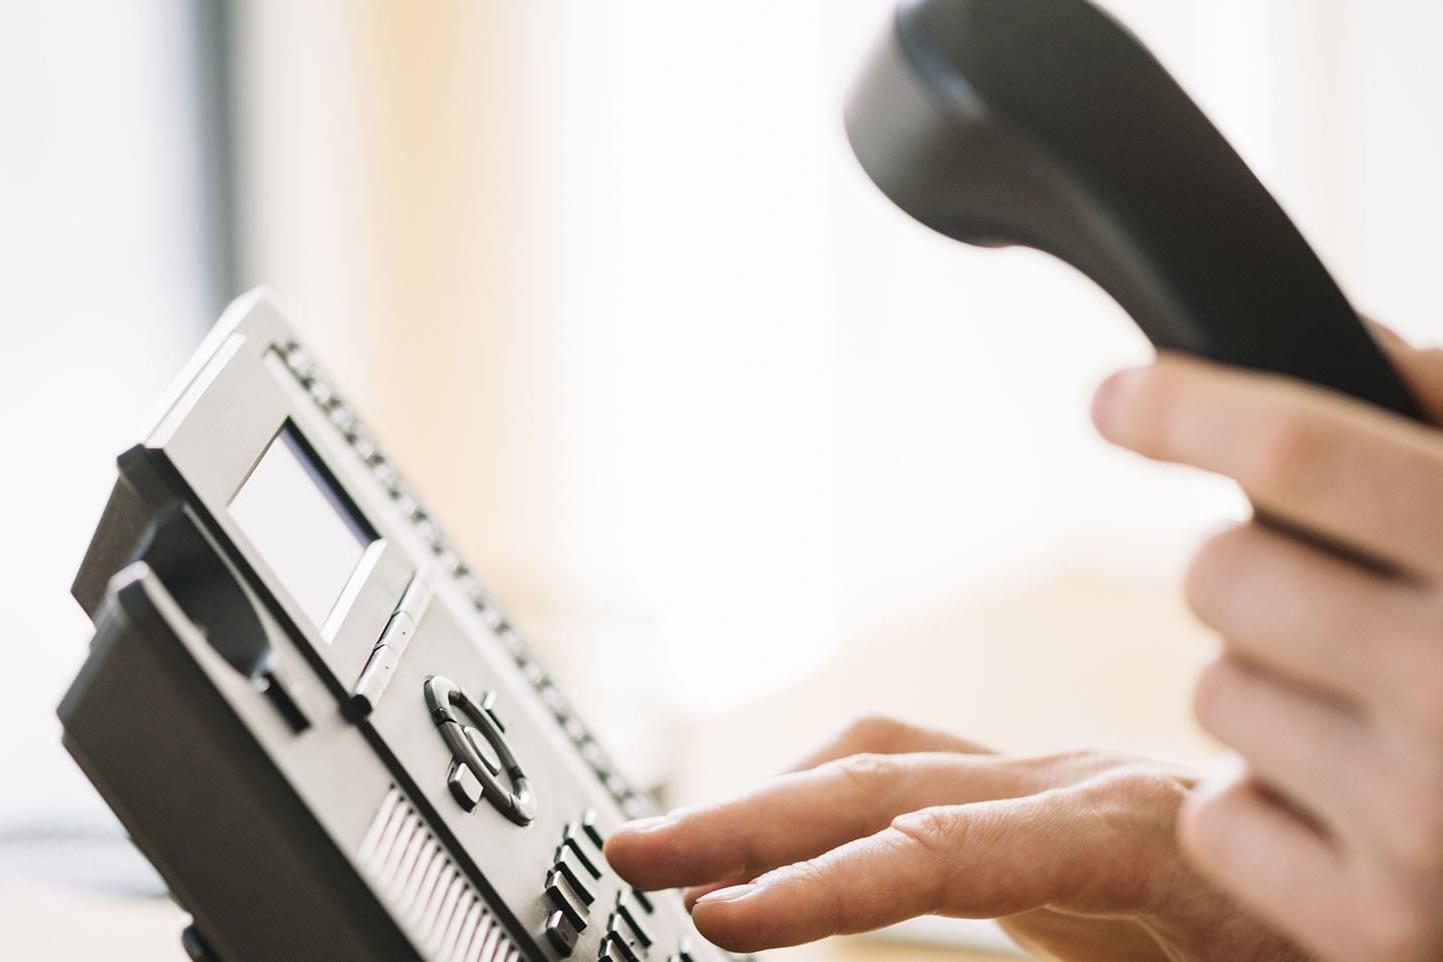 Un uomo fa un trasferimento di chiamata a un altro numero dal suo centralino telefonico in ufficio